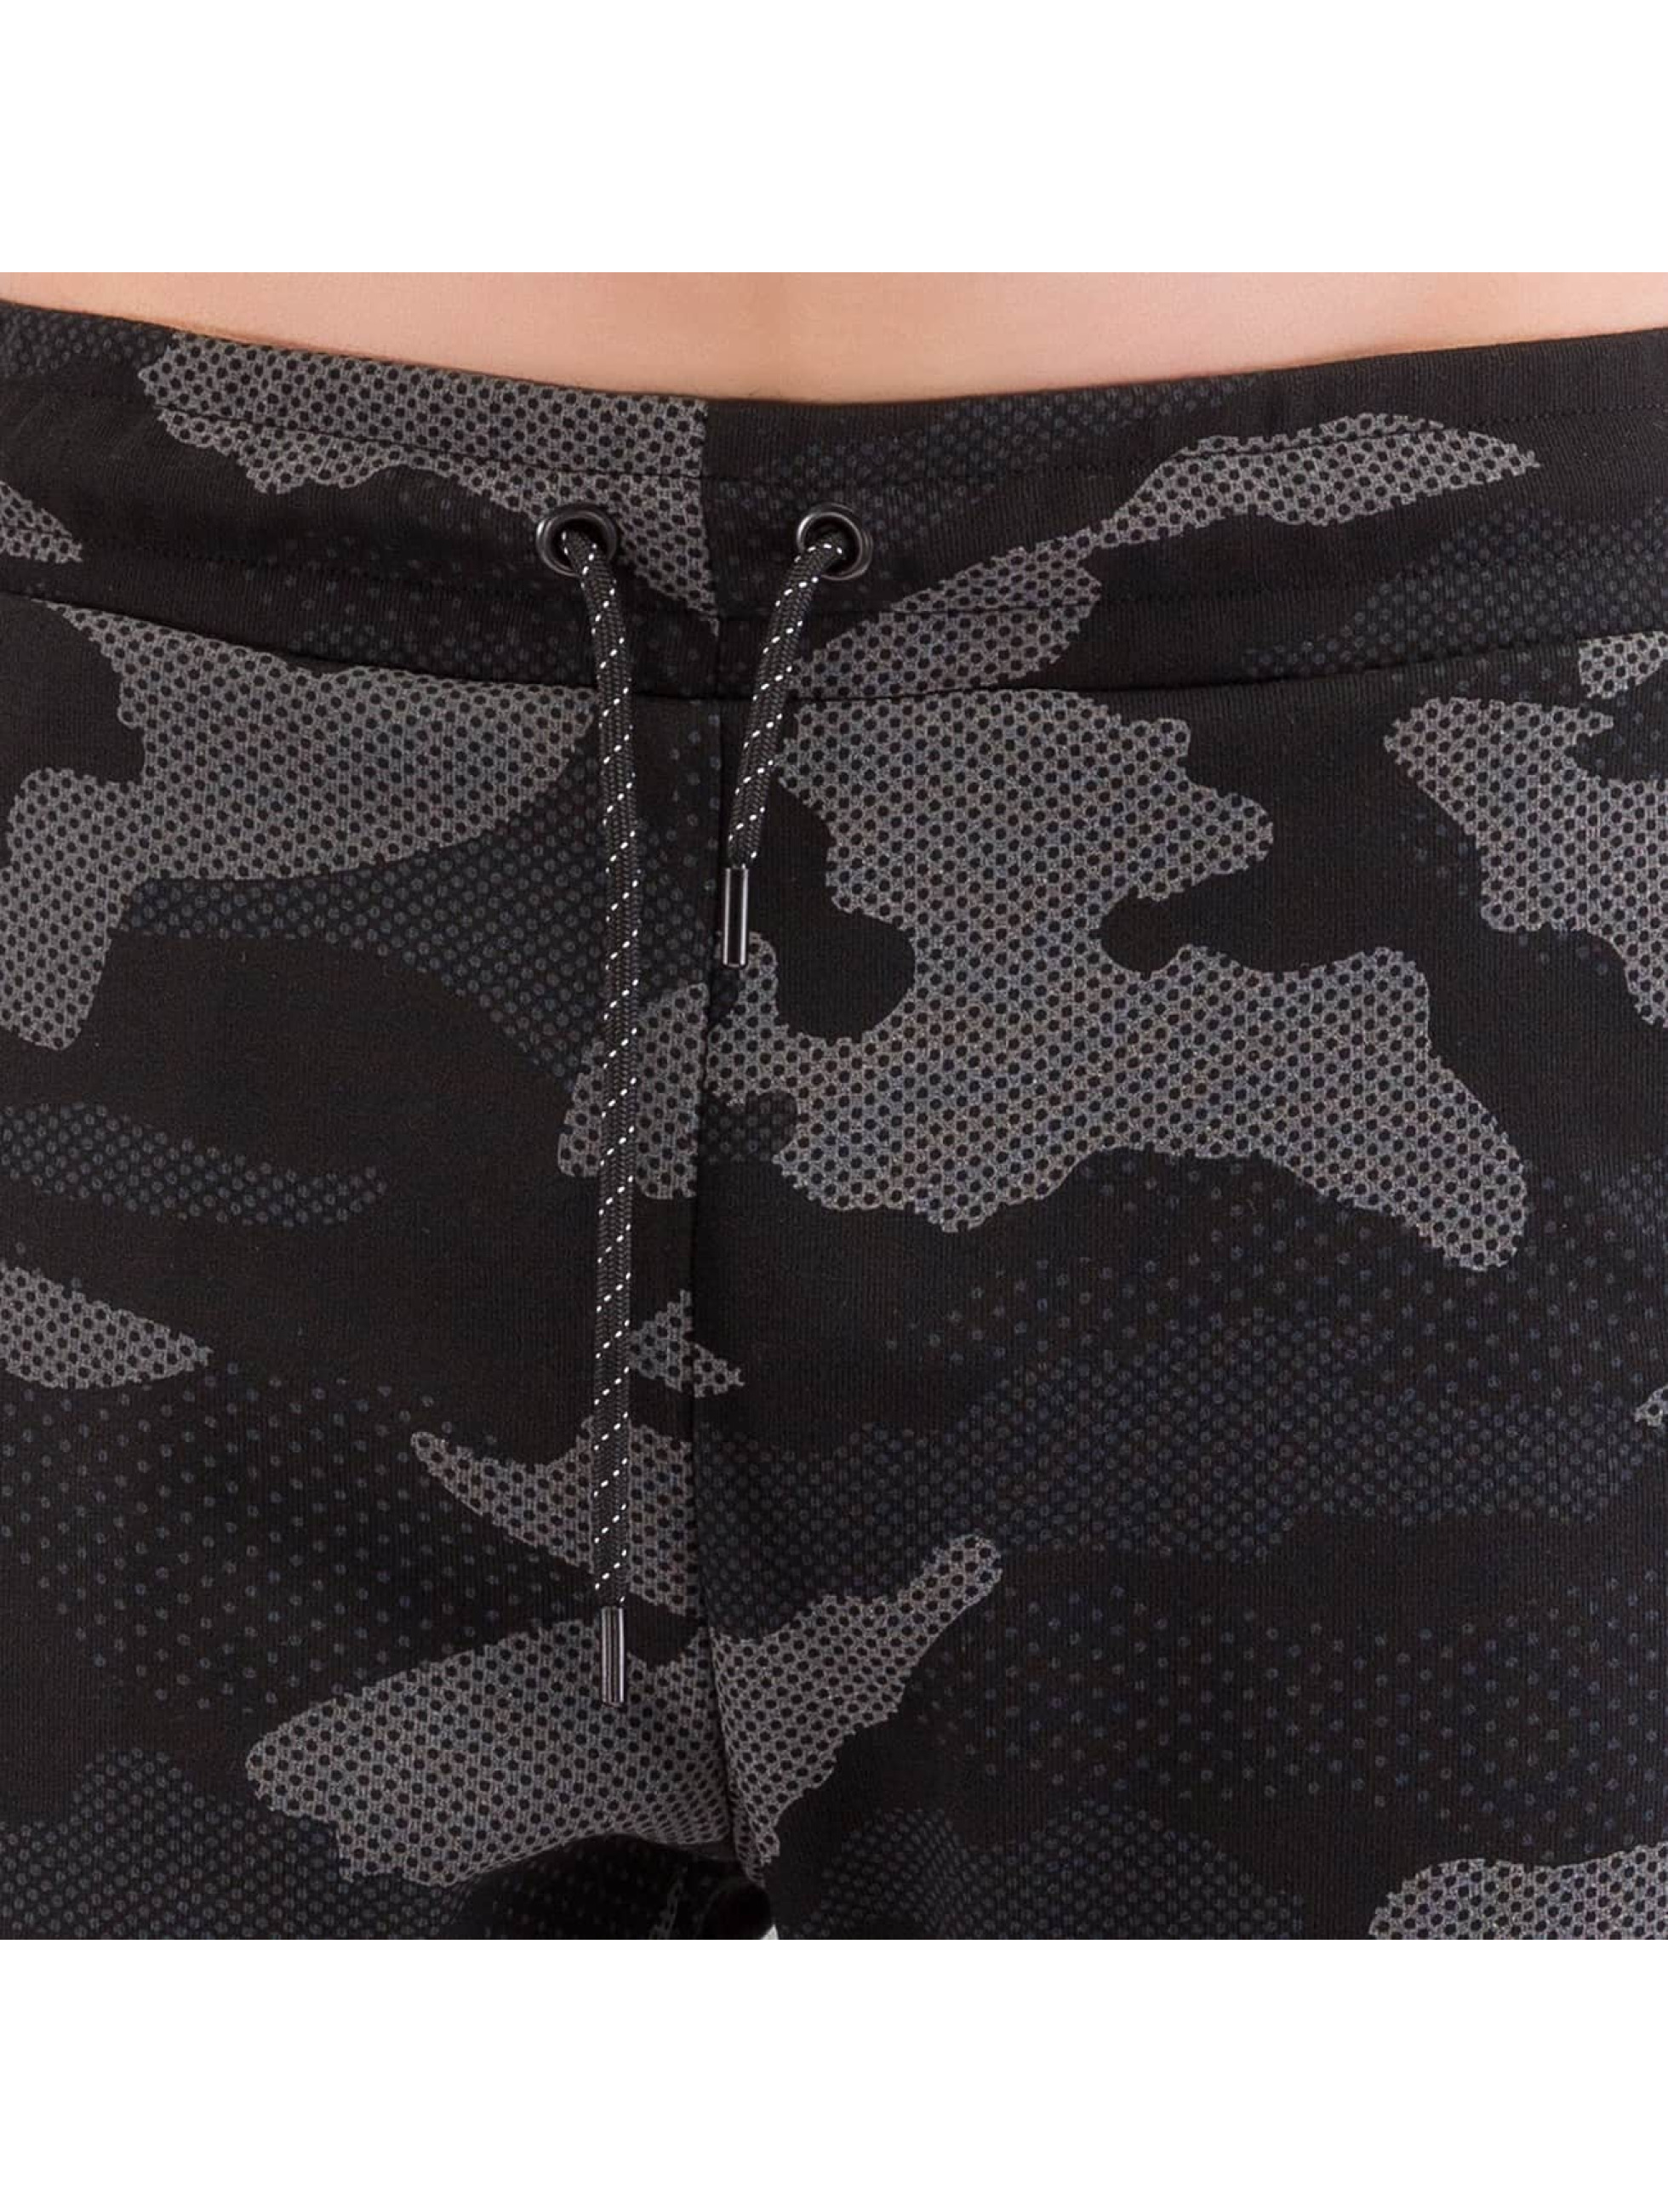 Bangastic Sweat Pant Brock black